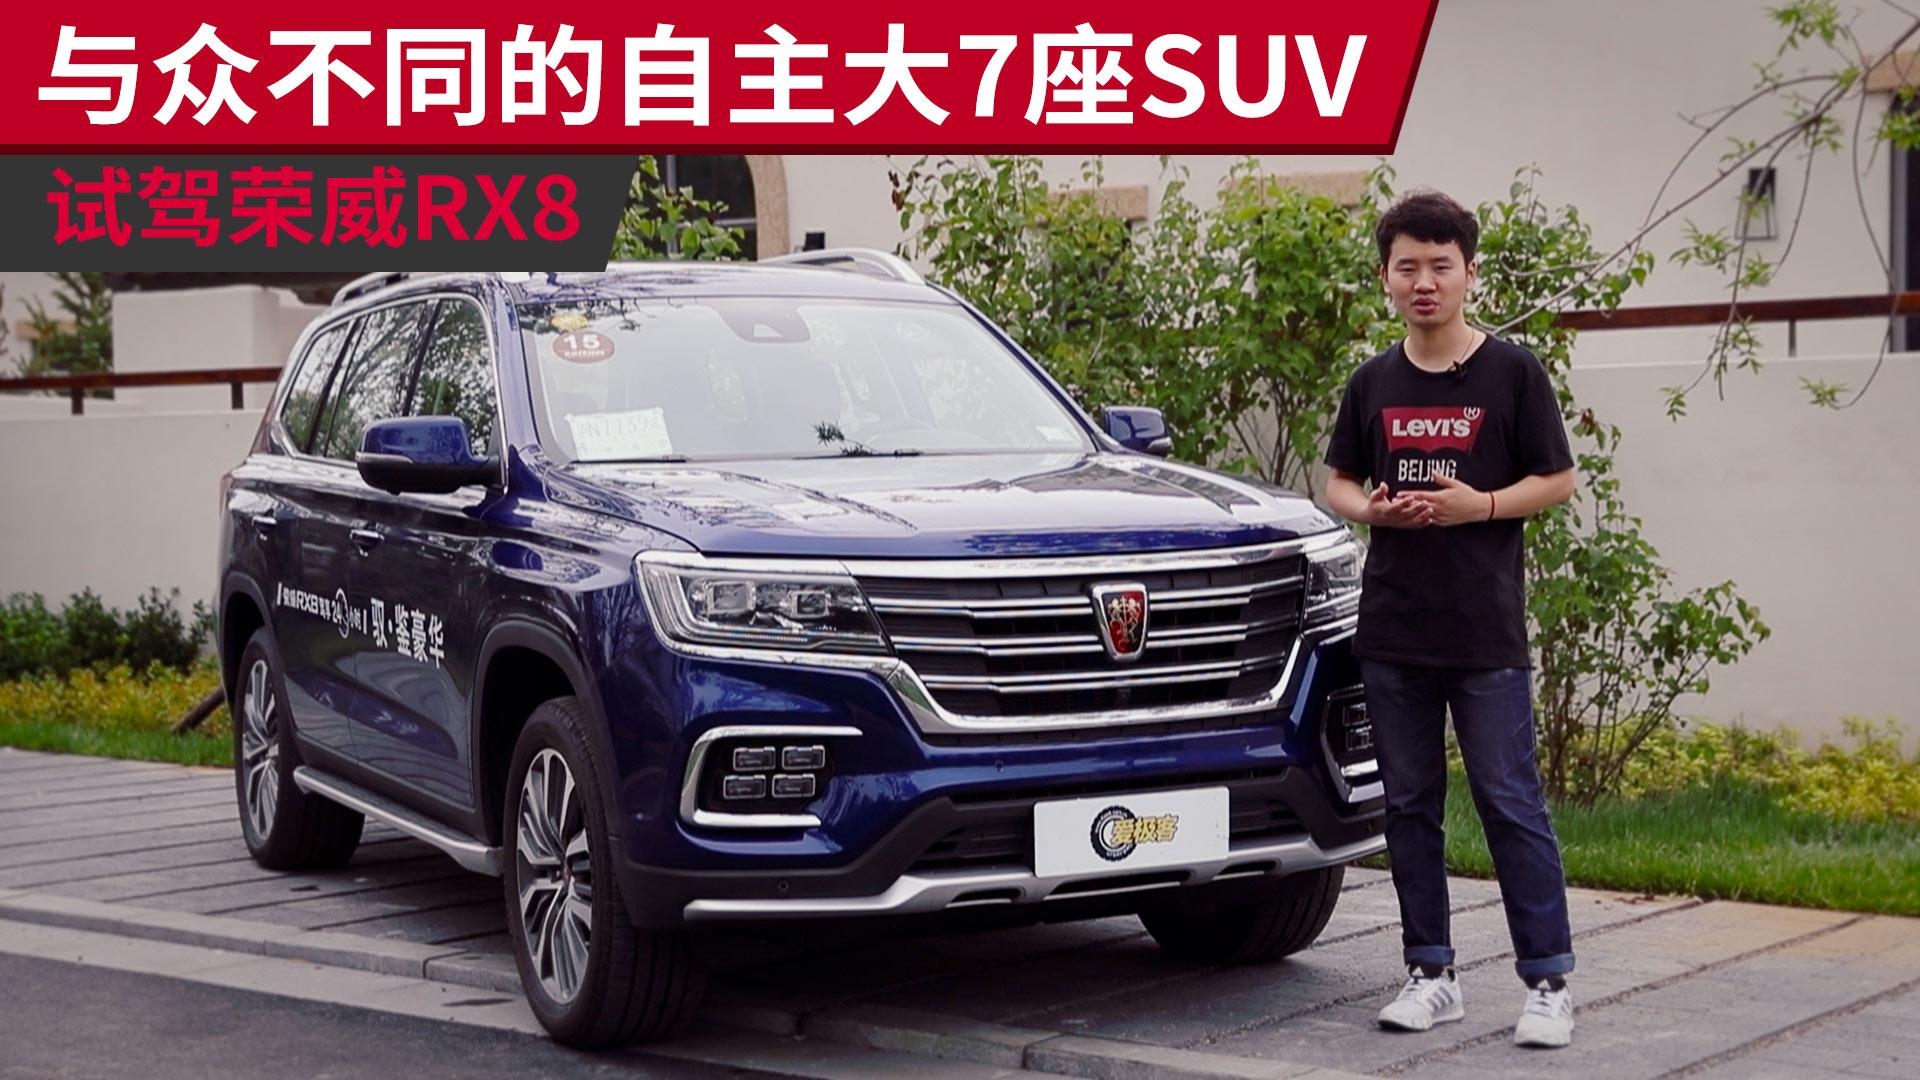 优缺点鲜明的自主大7座旗舰SUV 试驾荣威RX8